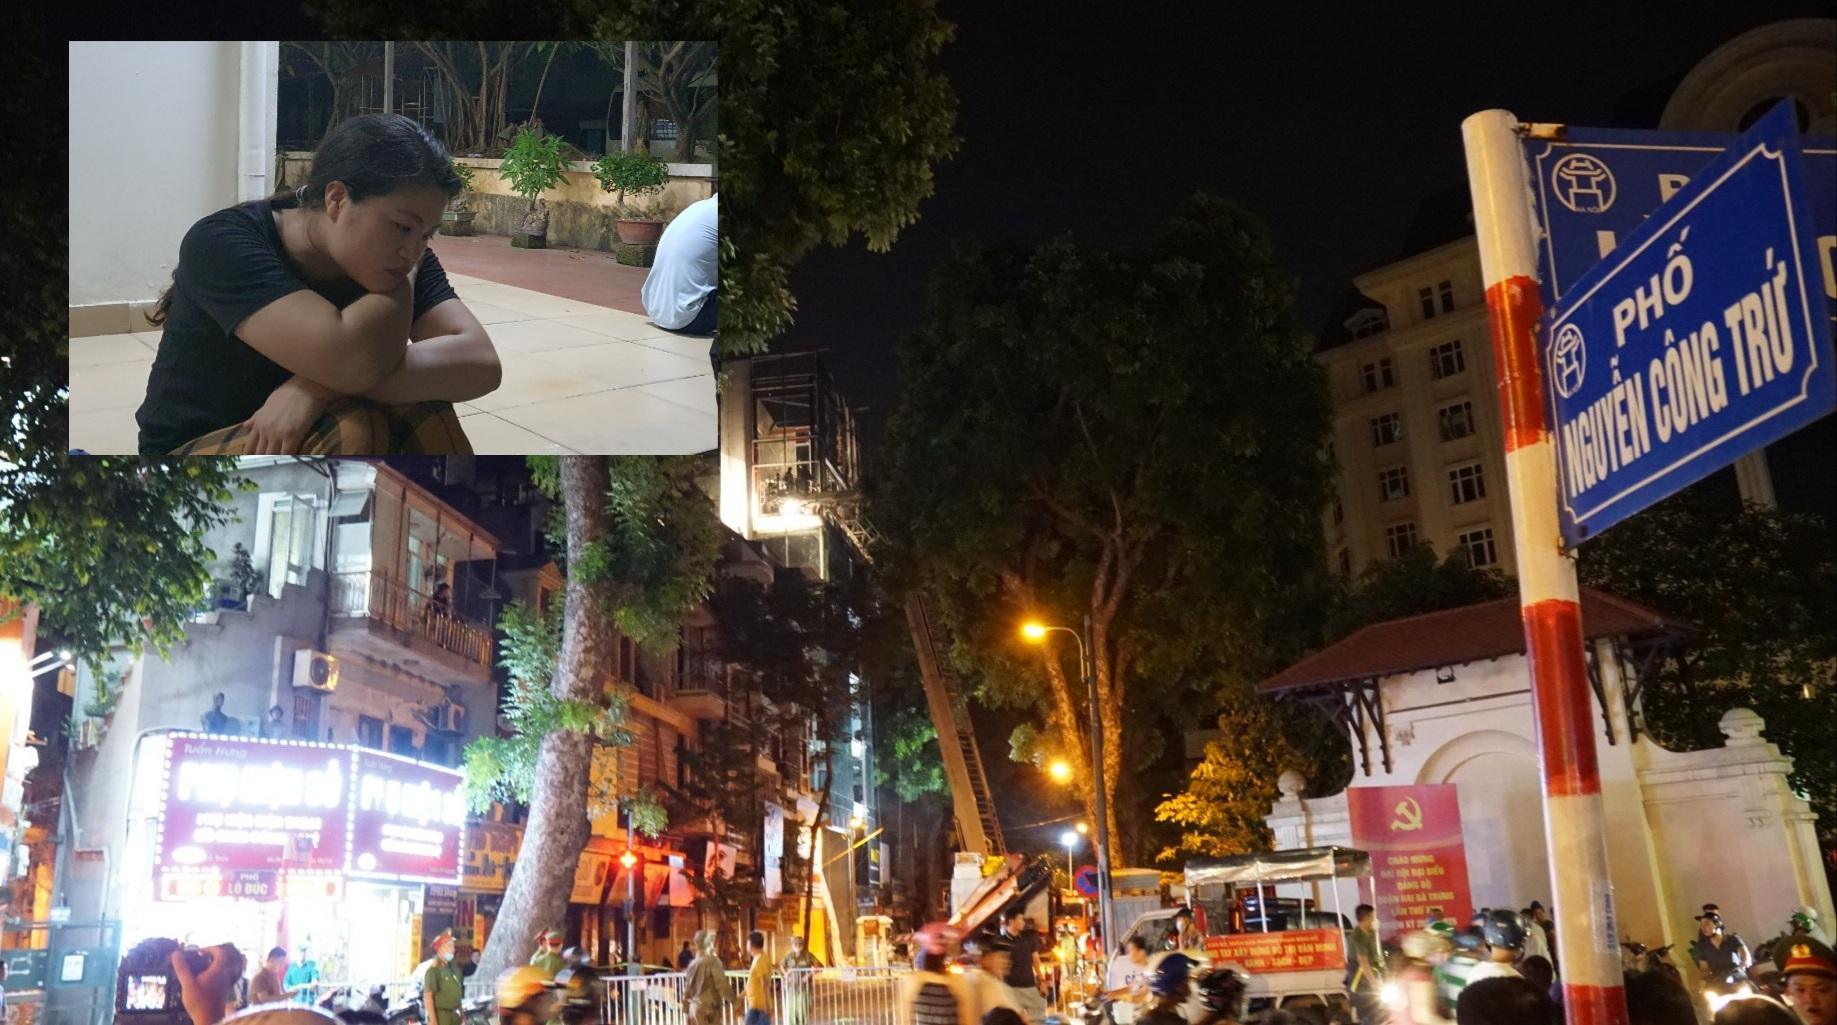 Gia cảnh khốn khó của nạn nhân vụ gãy đôi thang lắp kính khiến 4 người tử vong